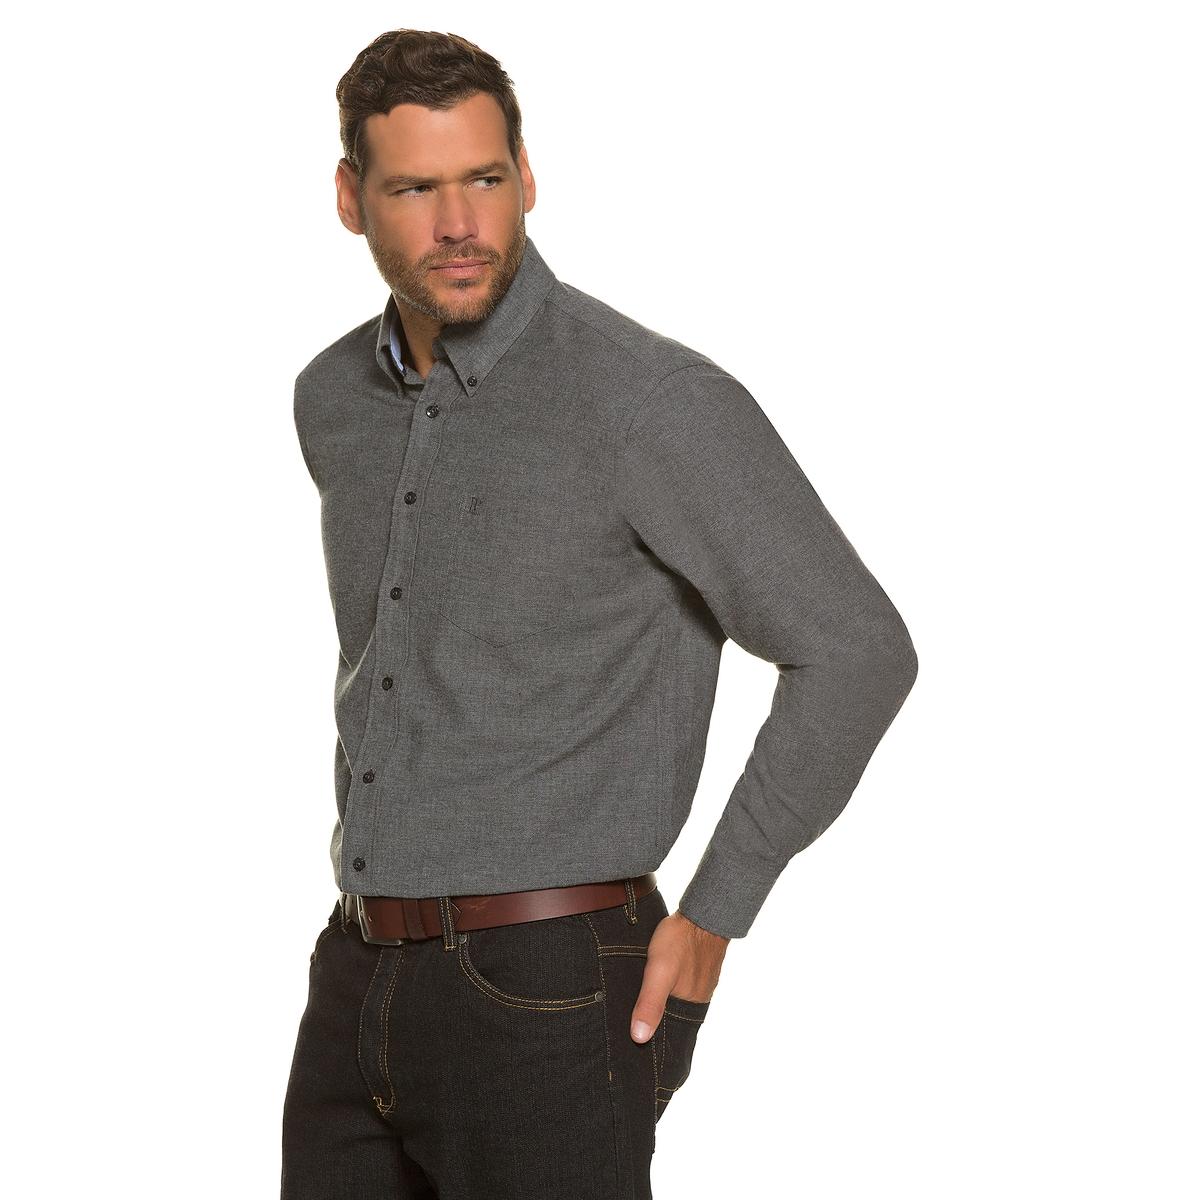 РубашкаРубашка из фланели в клетку, с длинными рукавами JP1880 . 100% хлопка.Рубашка из фланели, воротник с кончиками на пуговицах, нагрудный карман. Удобный покрой. Длина в зависимости от размера ок. 82-96 см.<br><br>Цвет: серый<br>Размер: 5XL